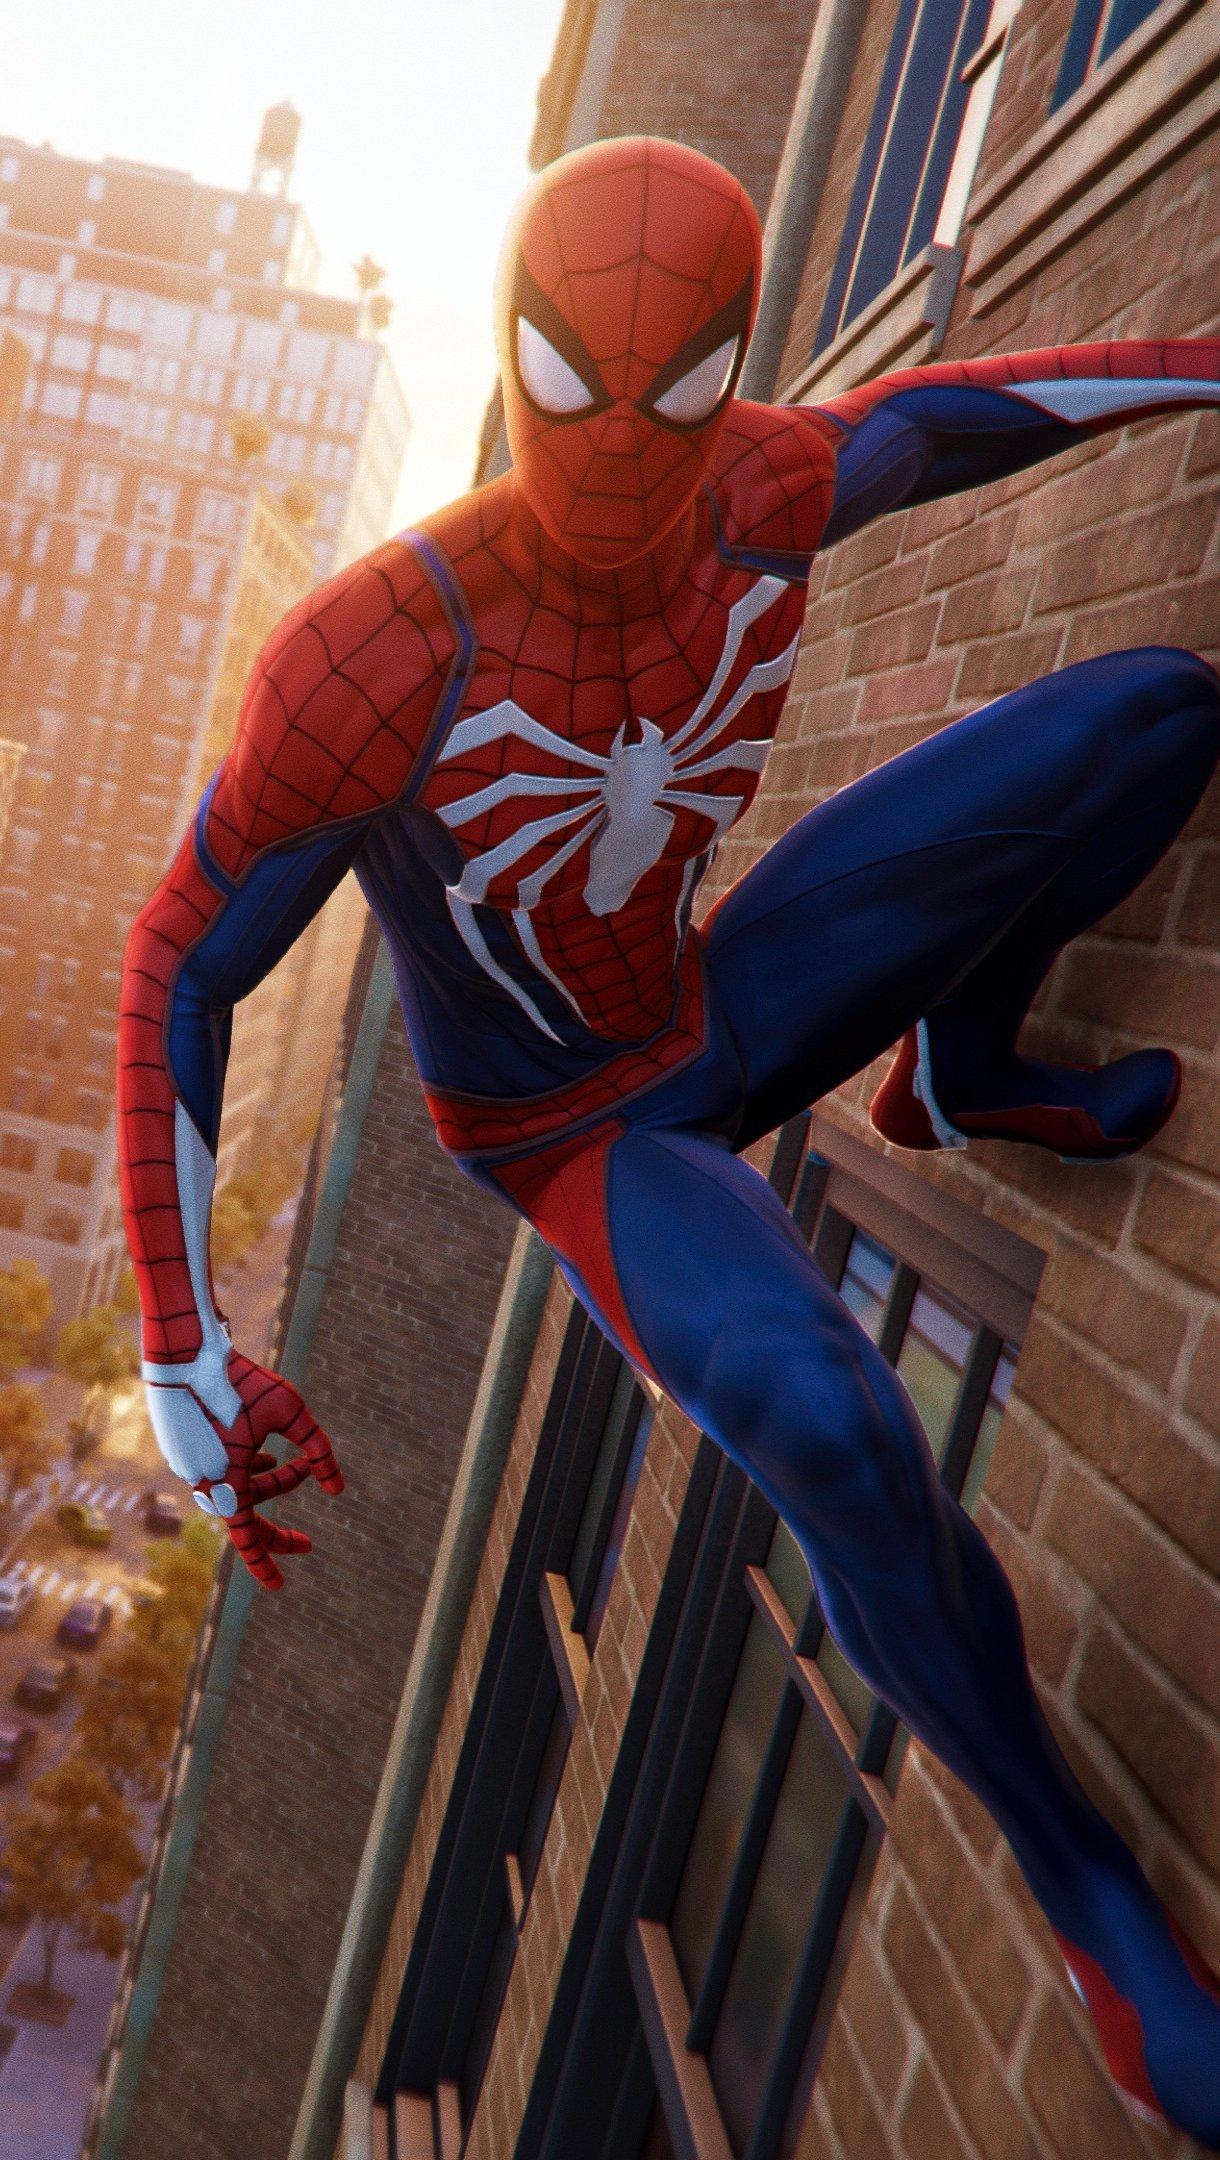 Fondos de pantalla Hombre Araña - Spider-Man de PS4 escalando un edificio Vertical